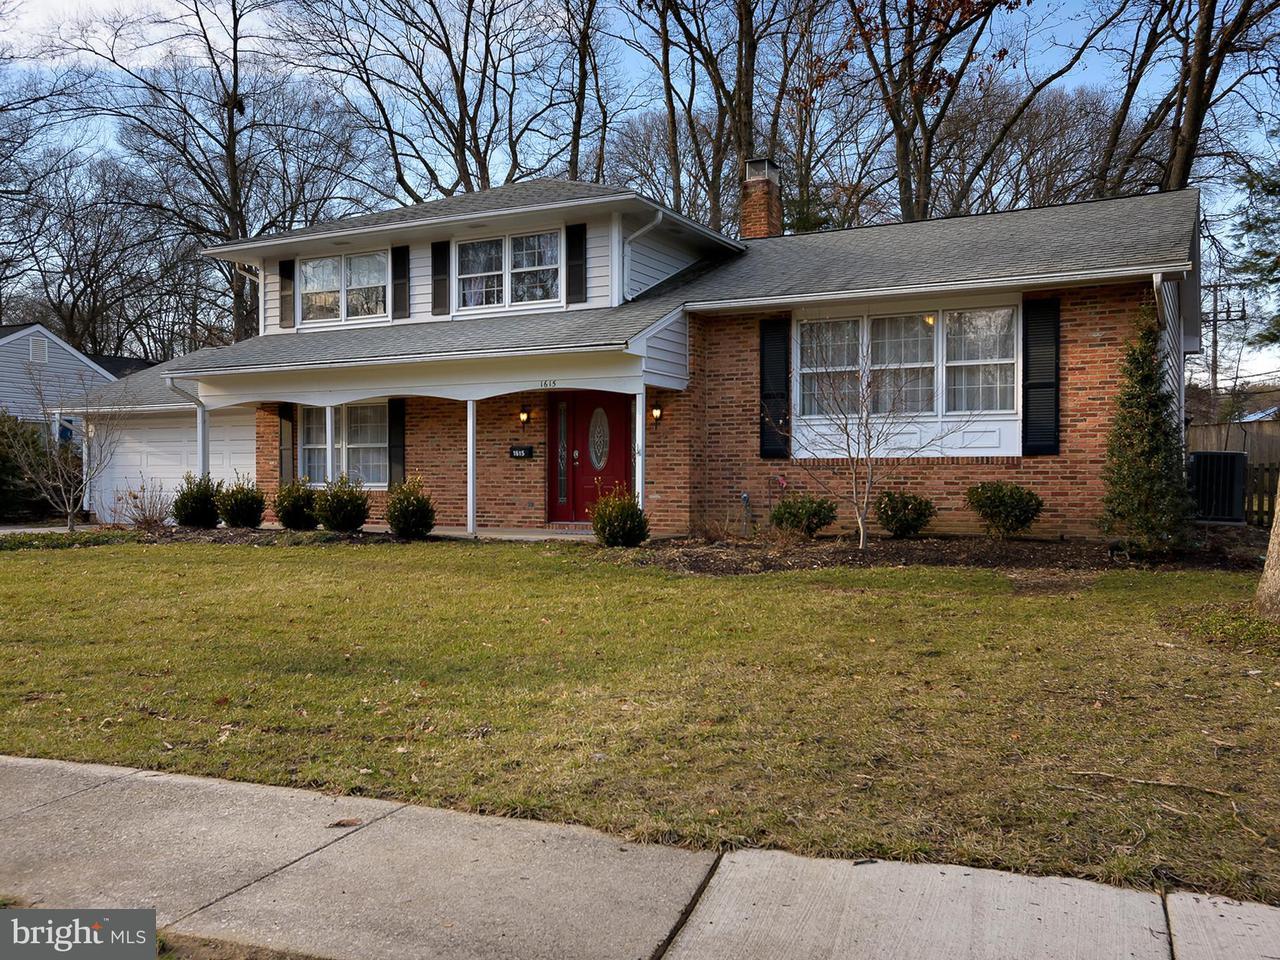 獨棟家庭住宅 為 出售 在 1615 Farnborn Street 1615 Farnborn Street Crofton, 馬里蘭州 21114 美國